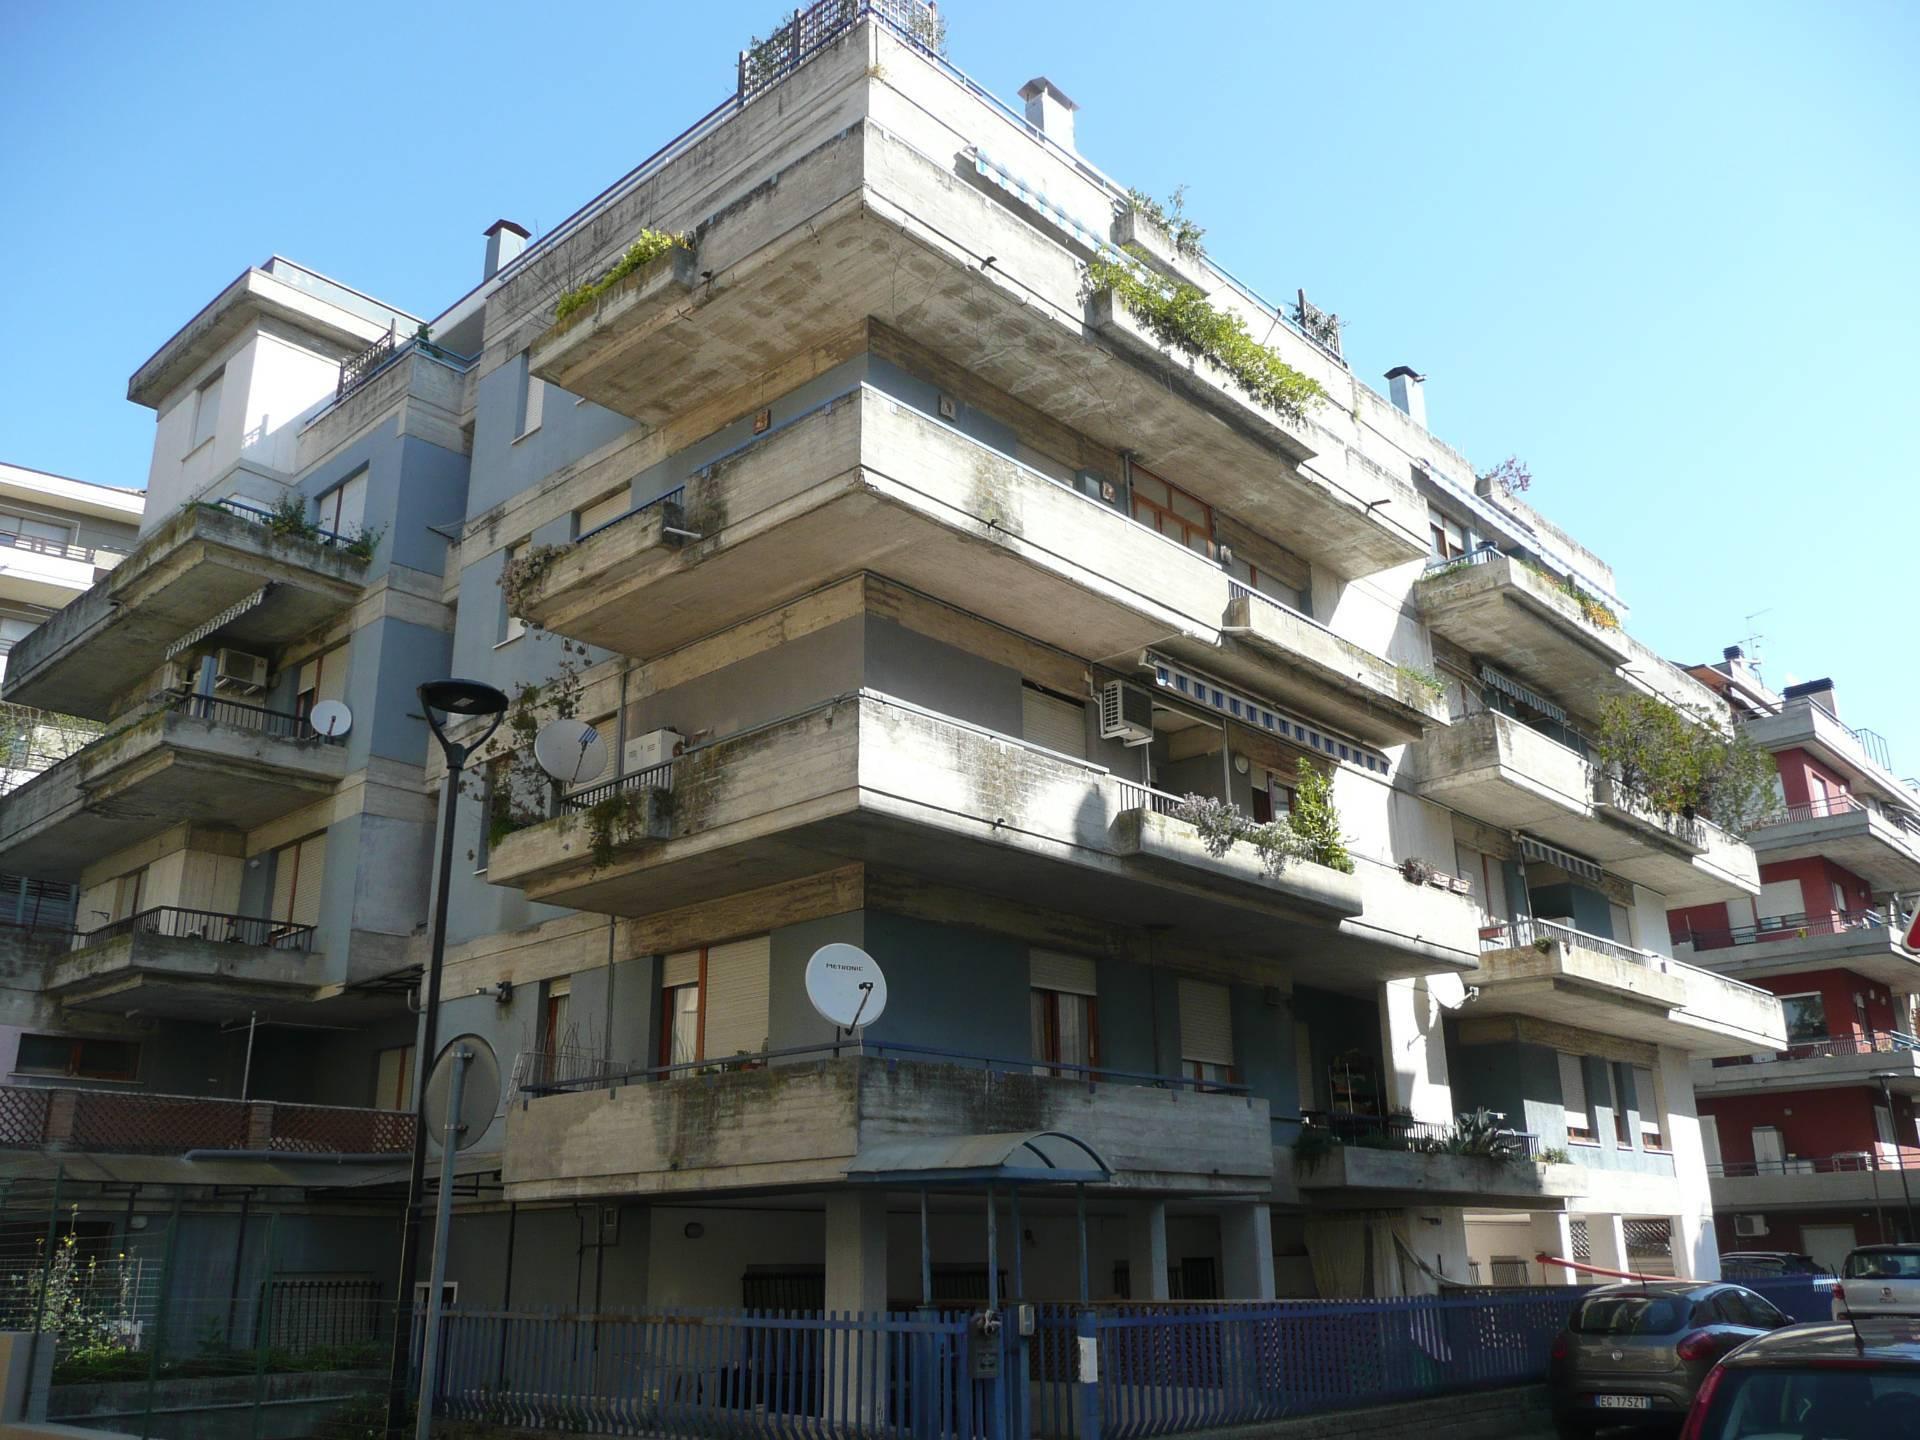 Attico / Mansarda in vendita a Teramo, 4 locali, prezzo € 145.000 | PortaleAgenzieImmobiliari.it